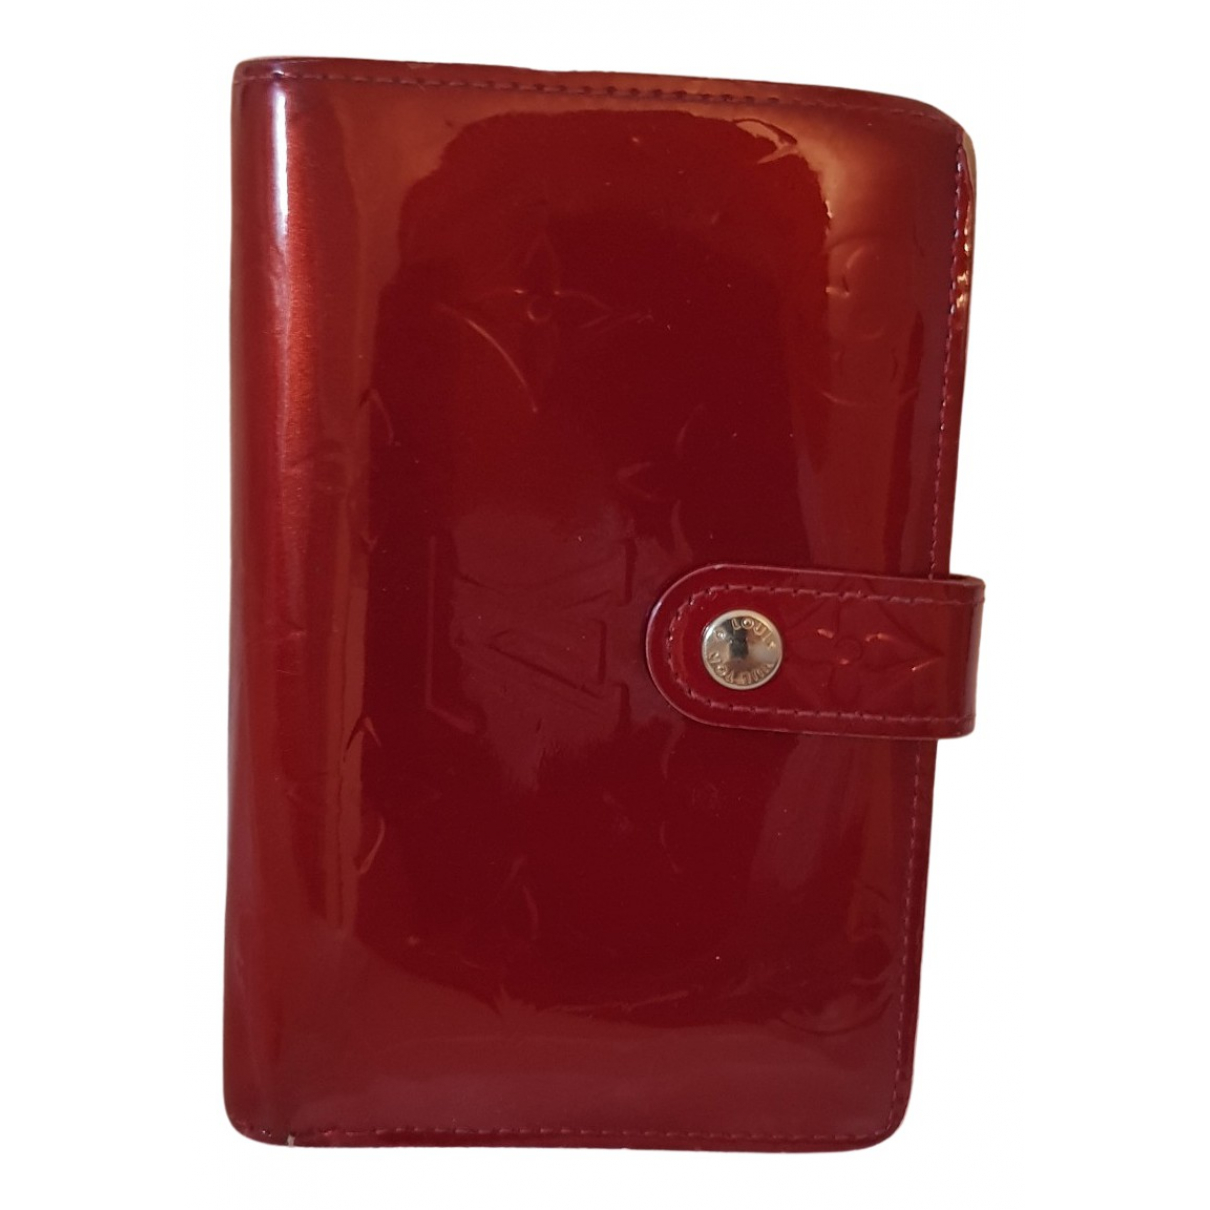 Louis Vuitton - Portefeuille   pour femme en cuir verni - rouge